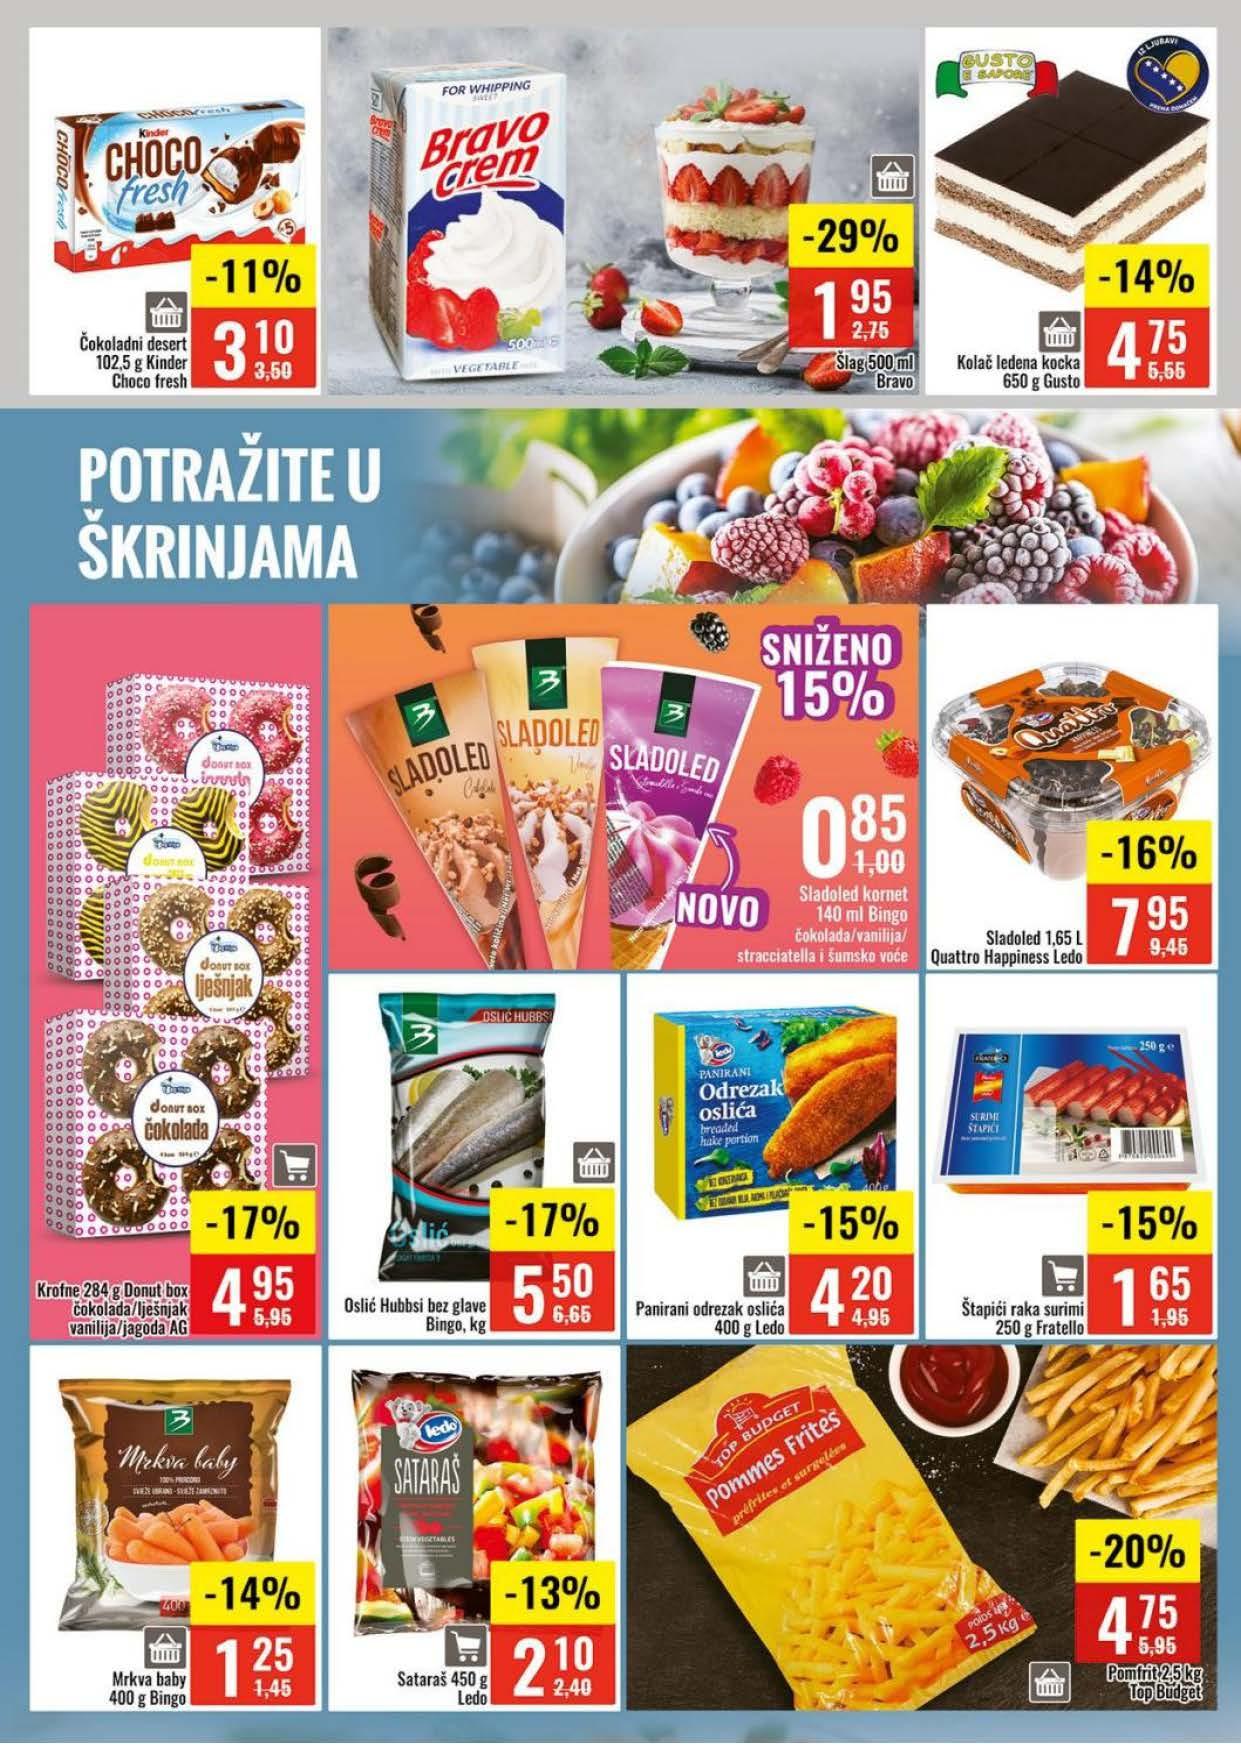 BINGO Katalog Kataloska akcija JUN 2021 15.6. 27.6. eKatalozi.com PR Page 06